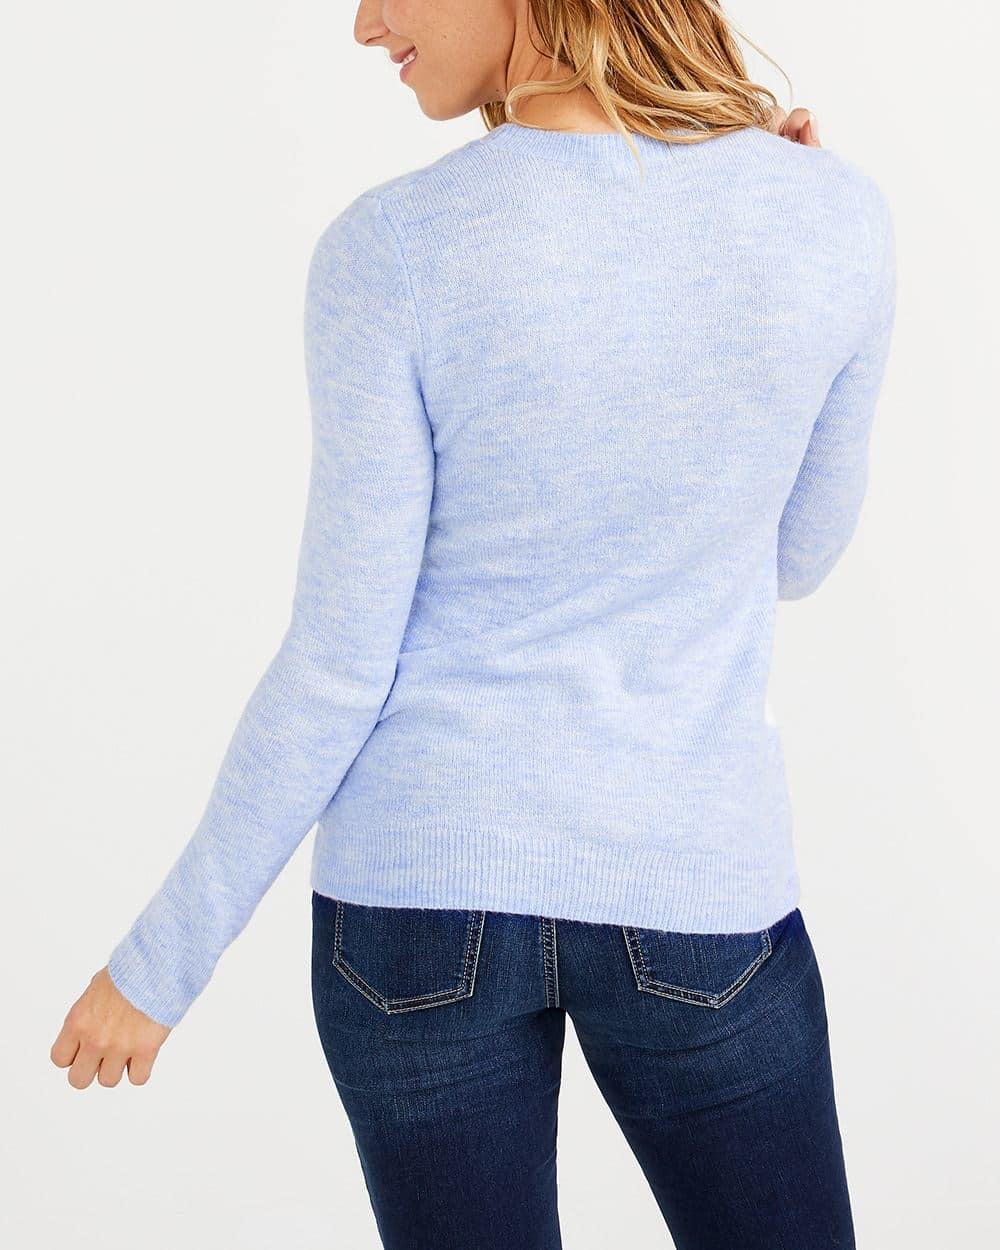 Winter Landscape Pattern Sweater